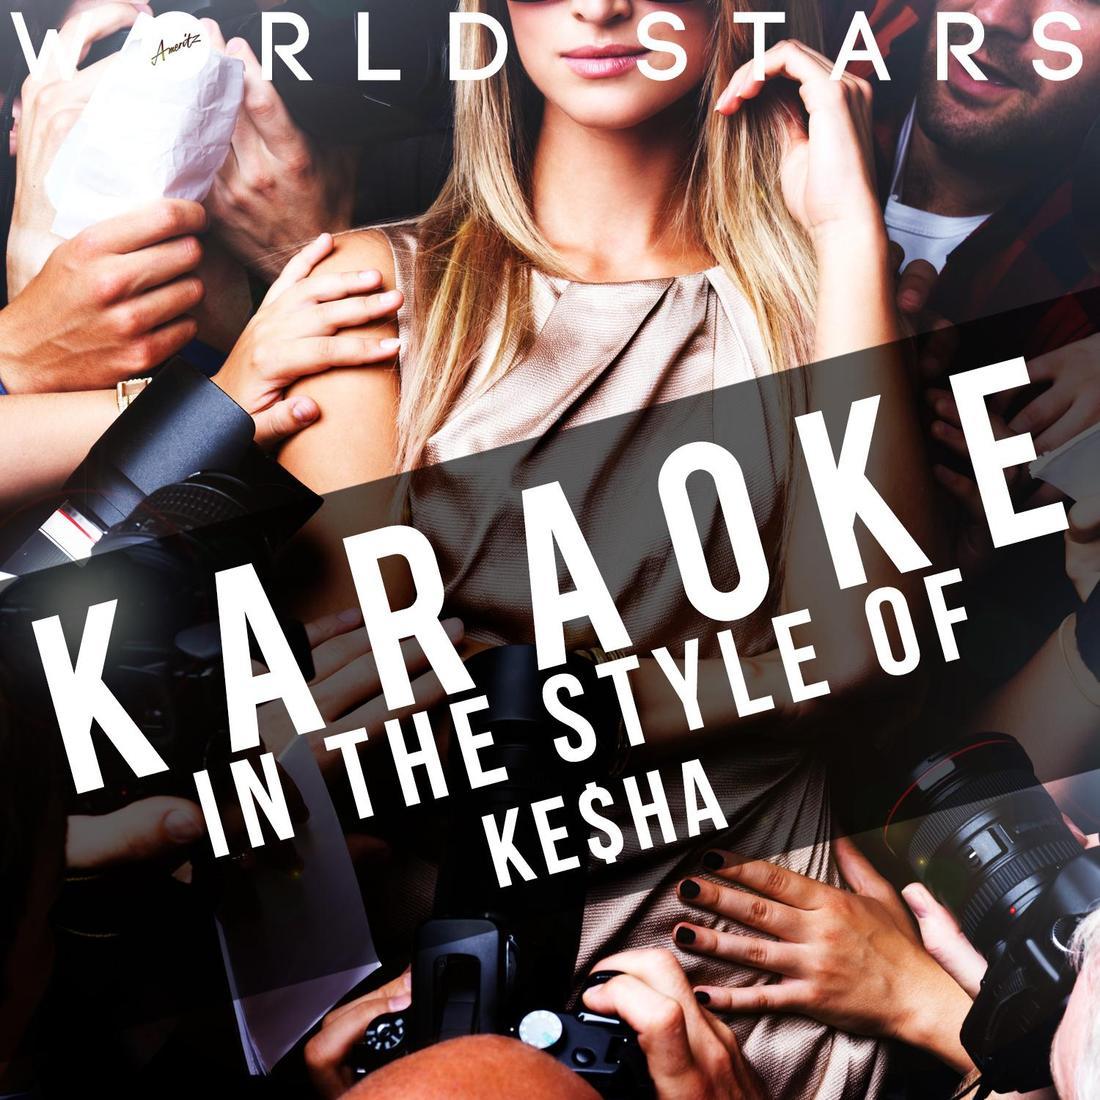 Take It Off (Karaoke Version) - Ameritz Karaoke World Stars - 单曲 - 网易云音乐